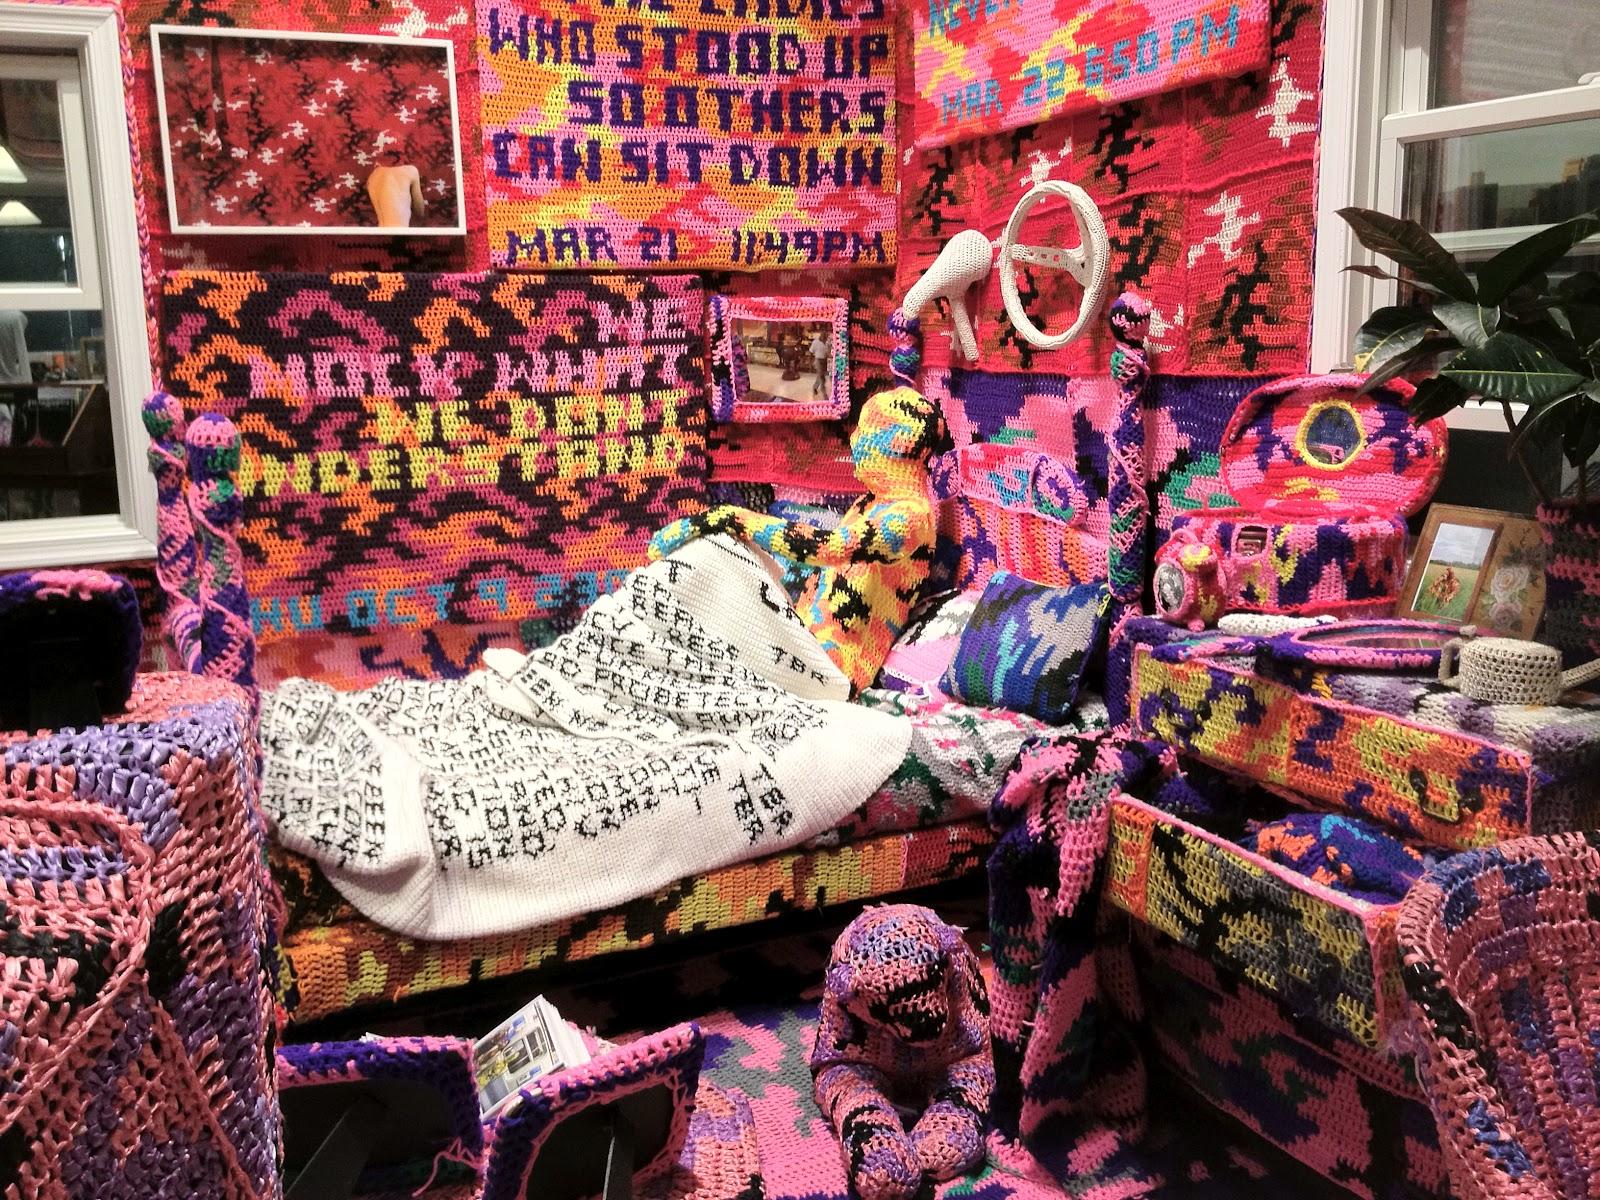 Artist Of The Moment Crochet Street Artist Olek Also